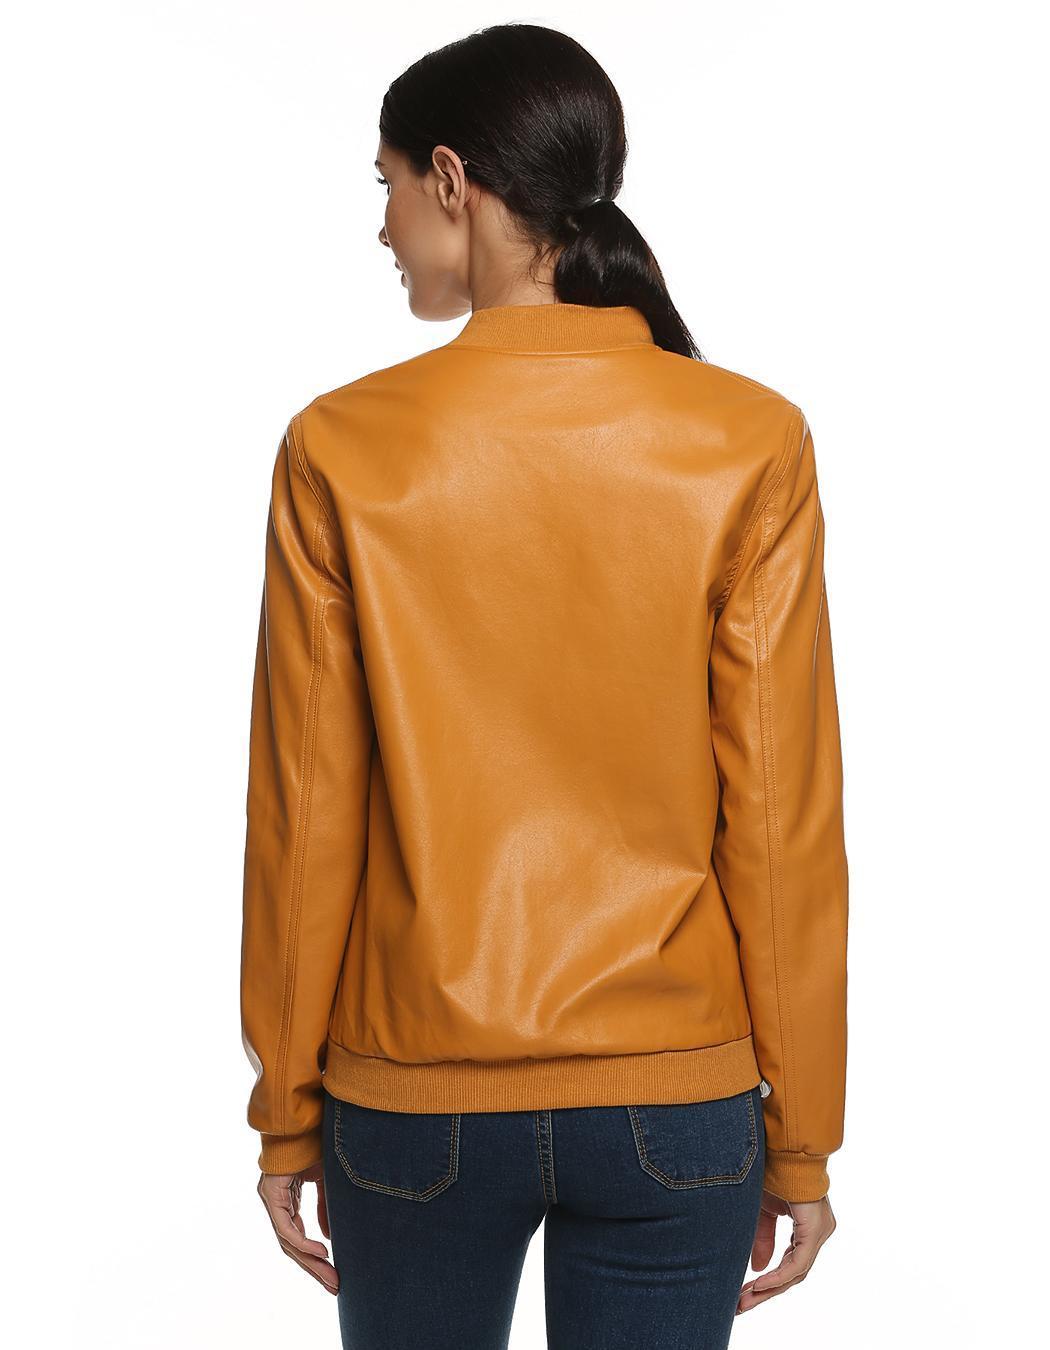 Women Casual Zipper Synthetic Leather Biker Jacket Coat 4